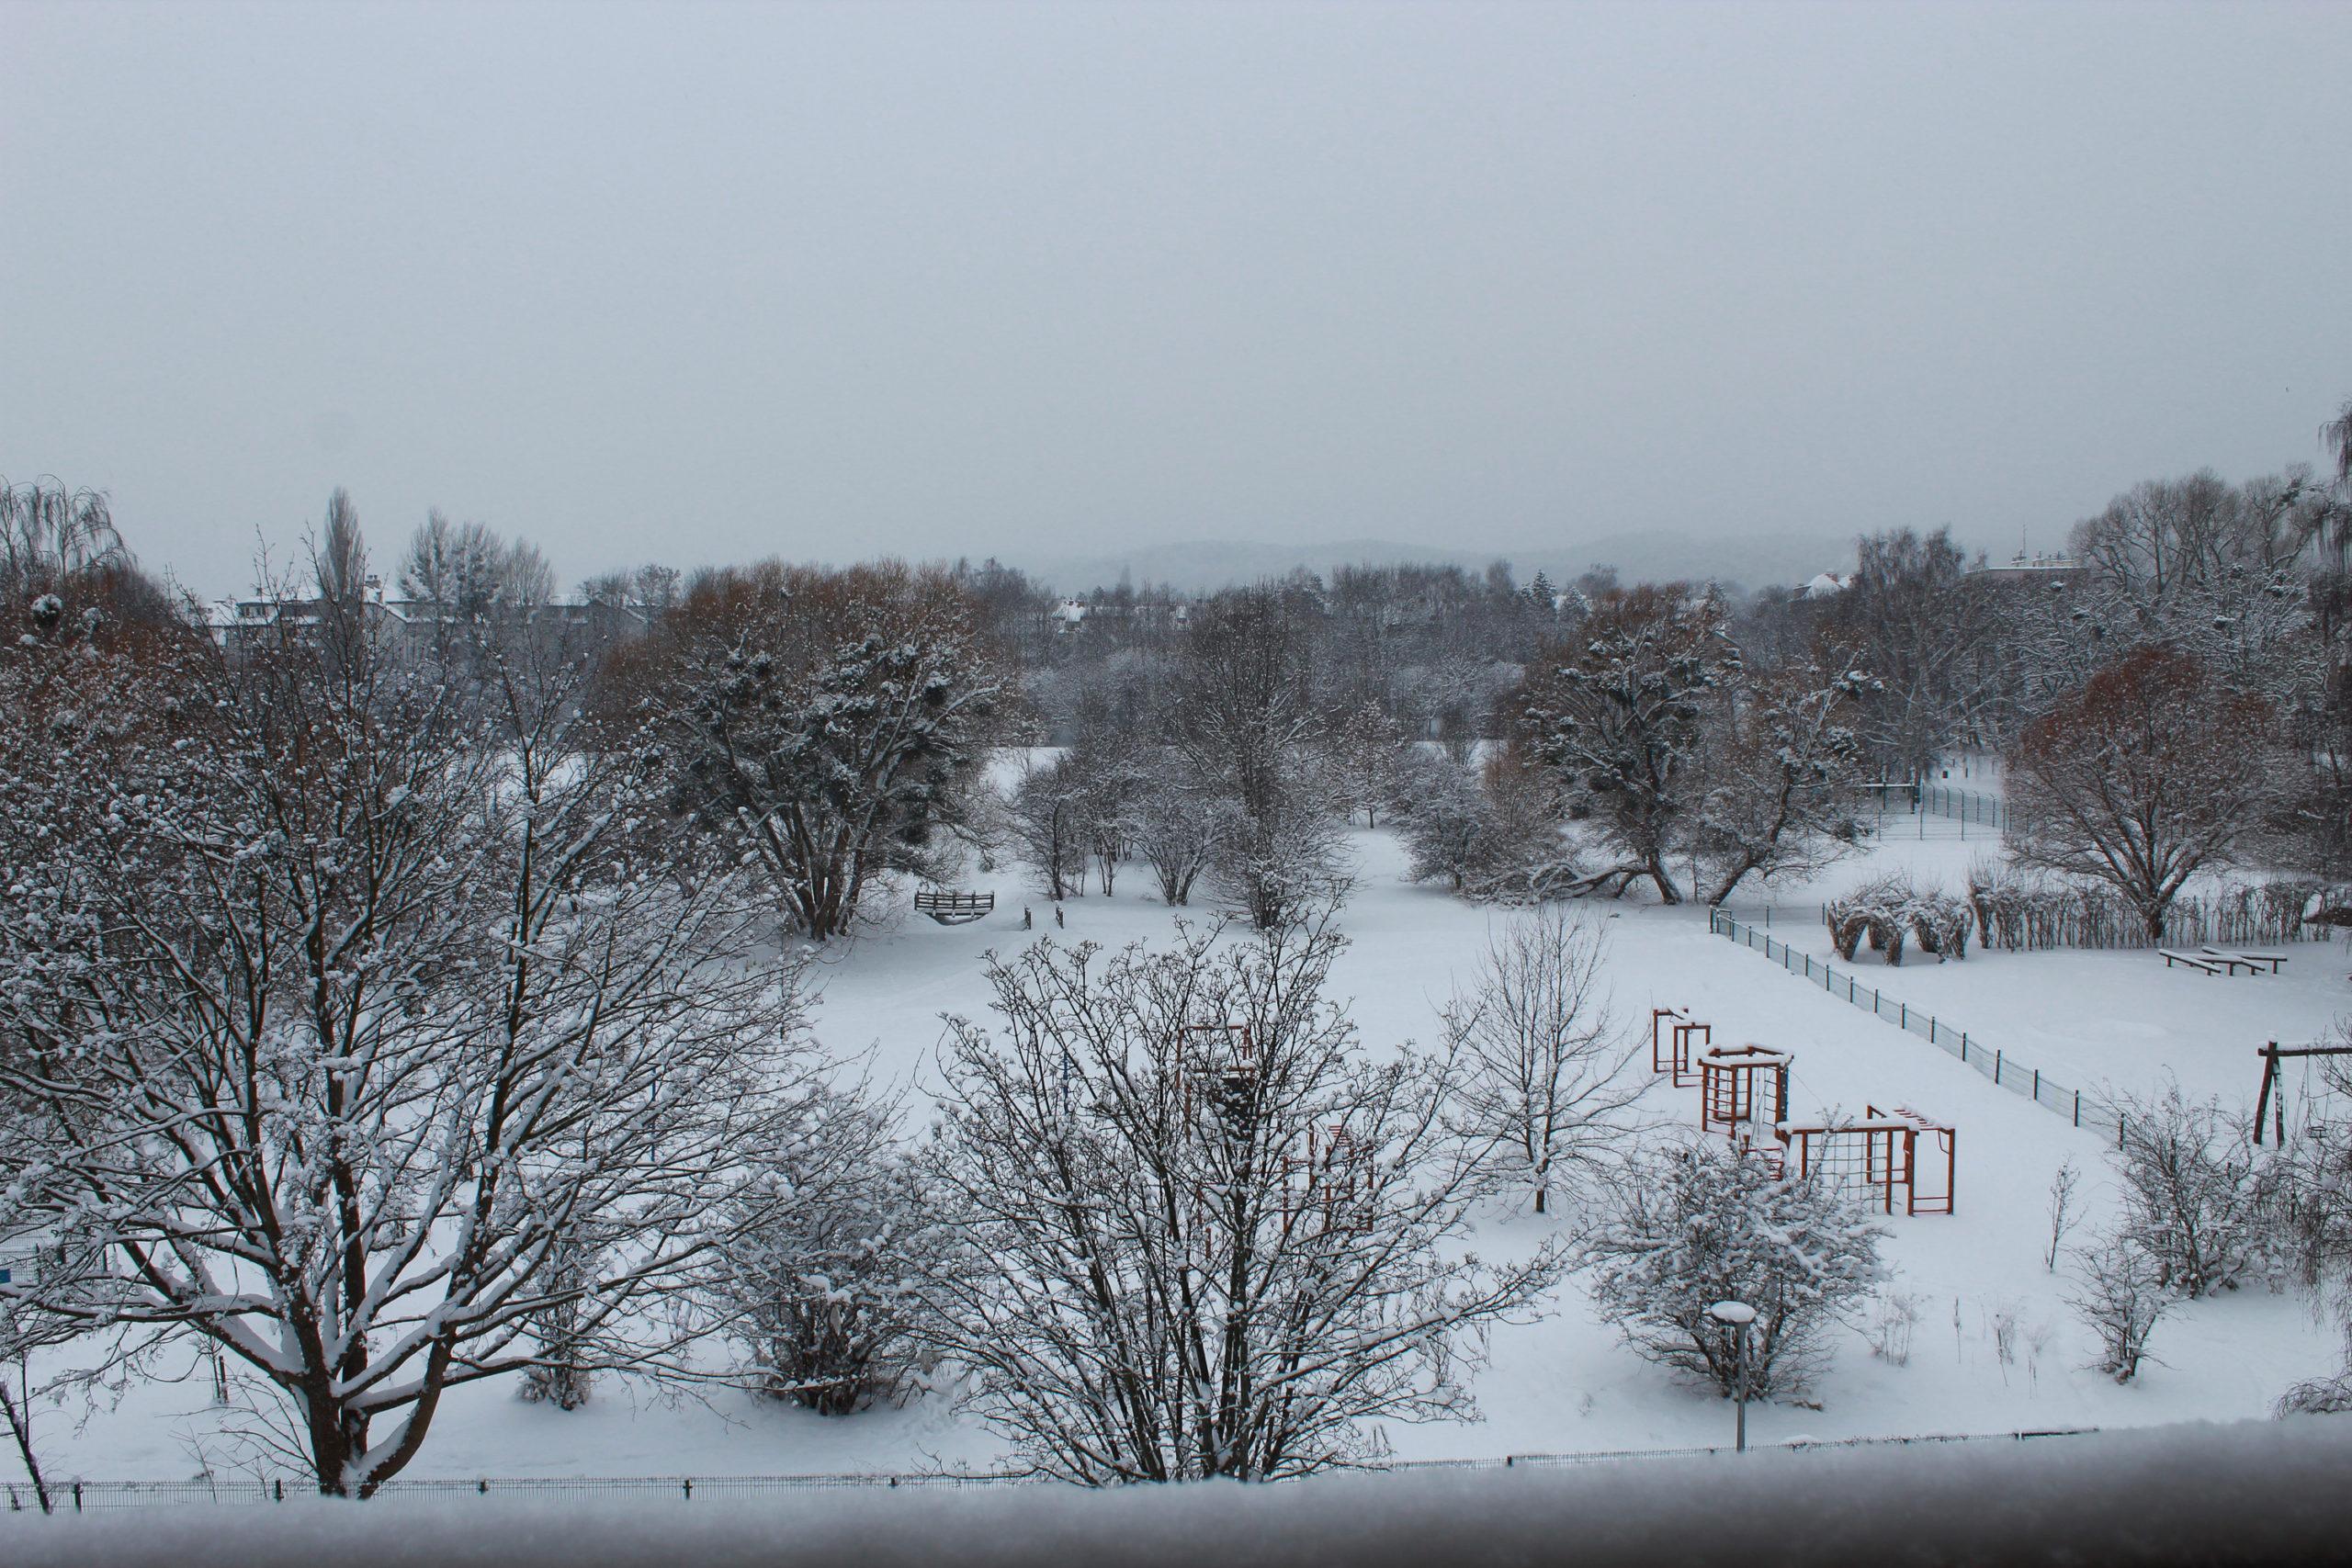 widok na zaśnieżony plac zabaw